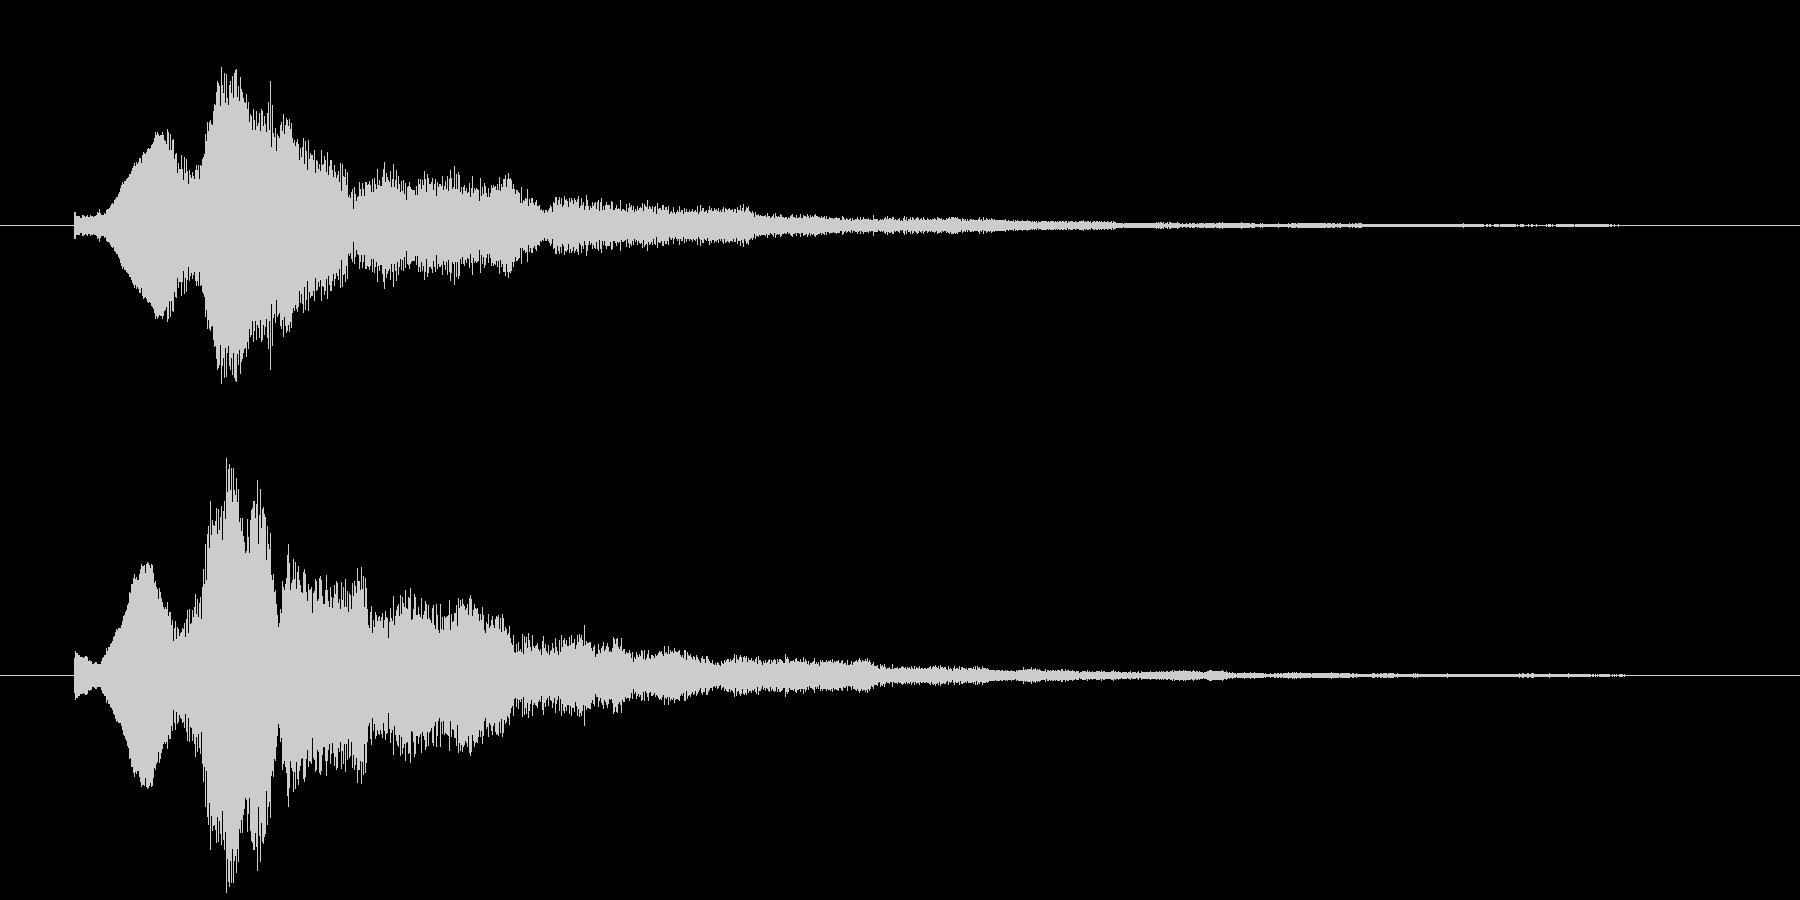 キラキラのベルシンセ音の未再生の波形